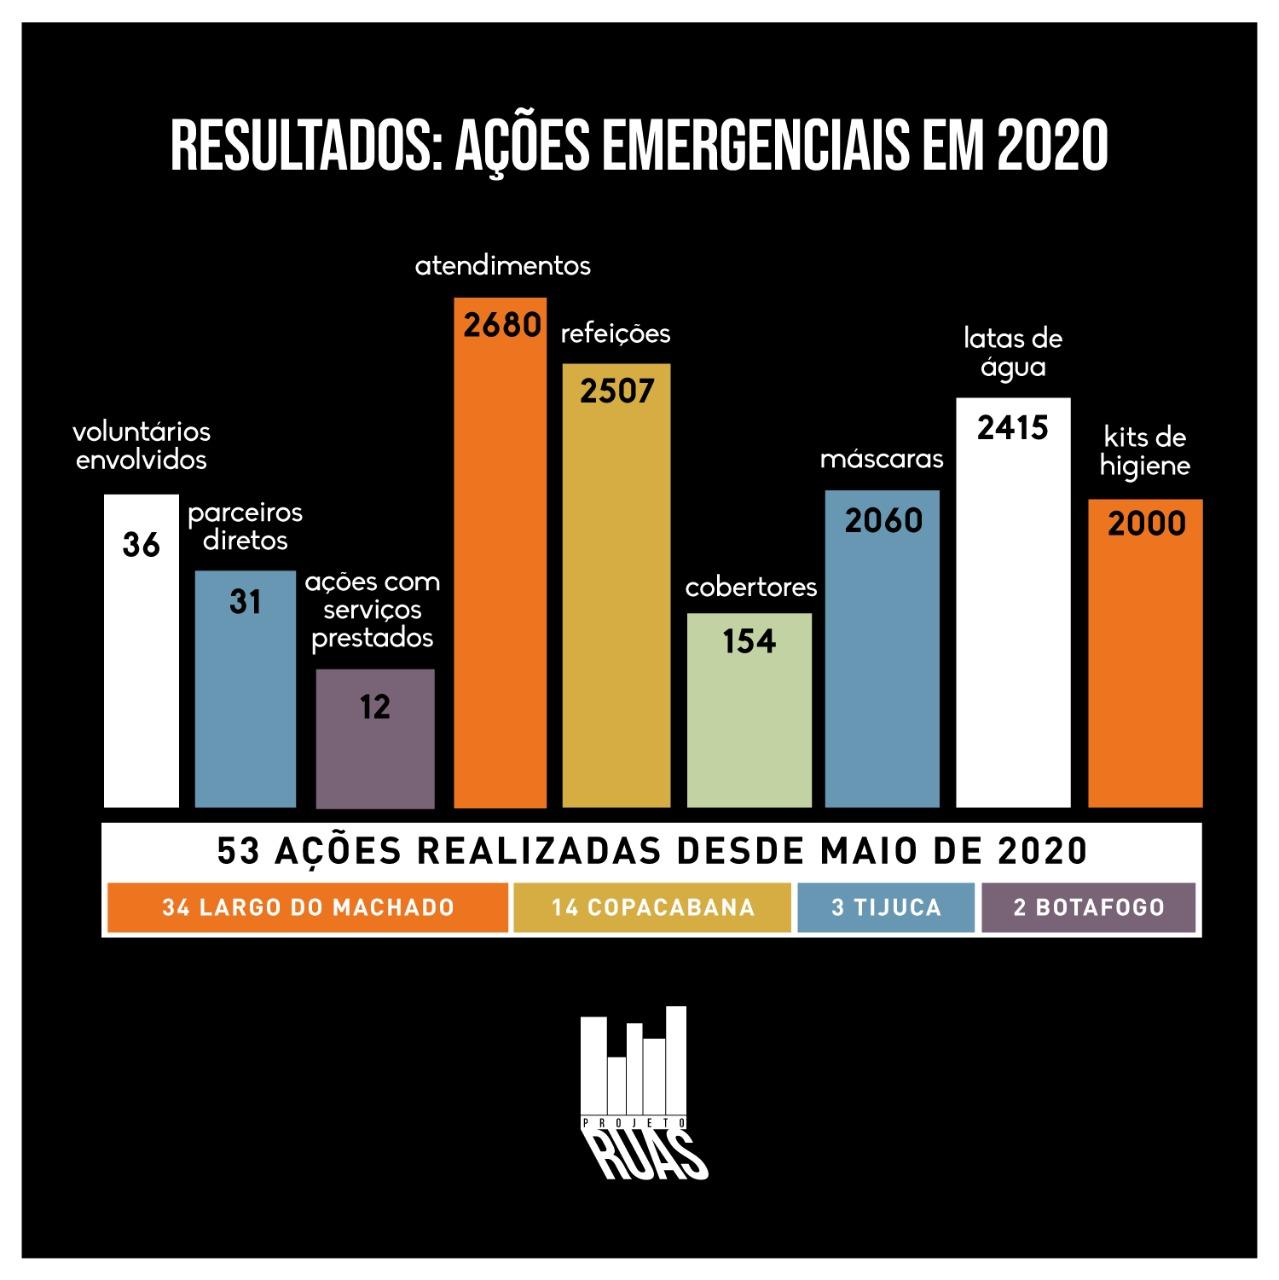 RESULTADOS 2020